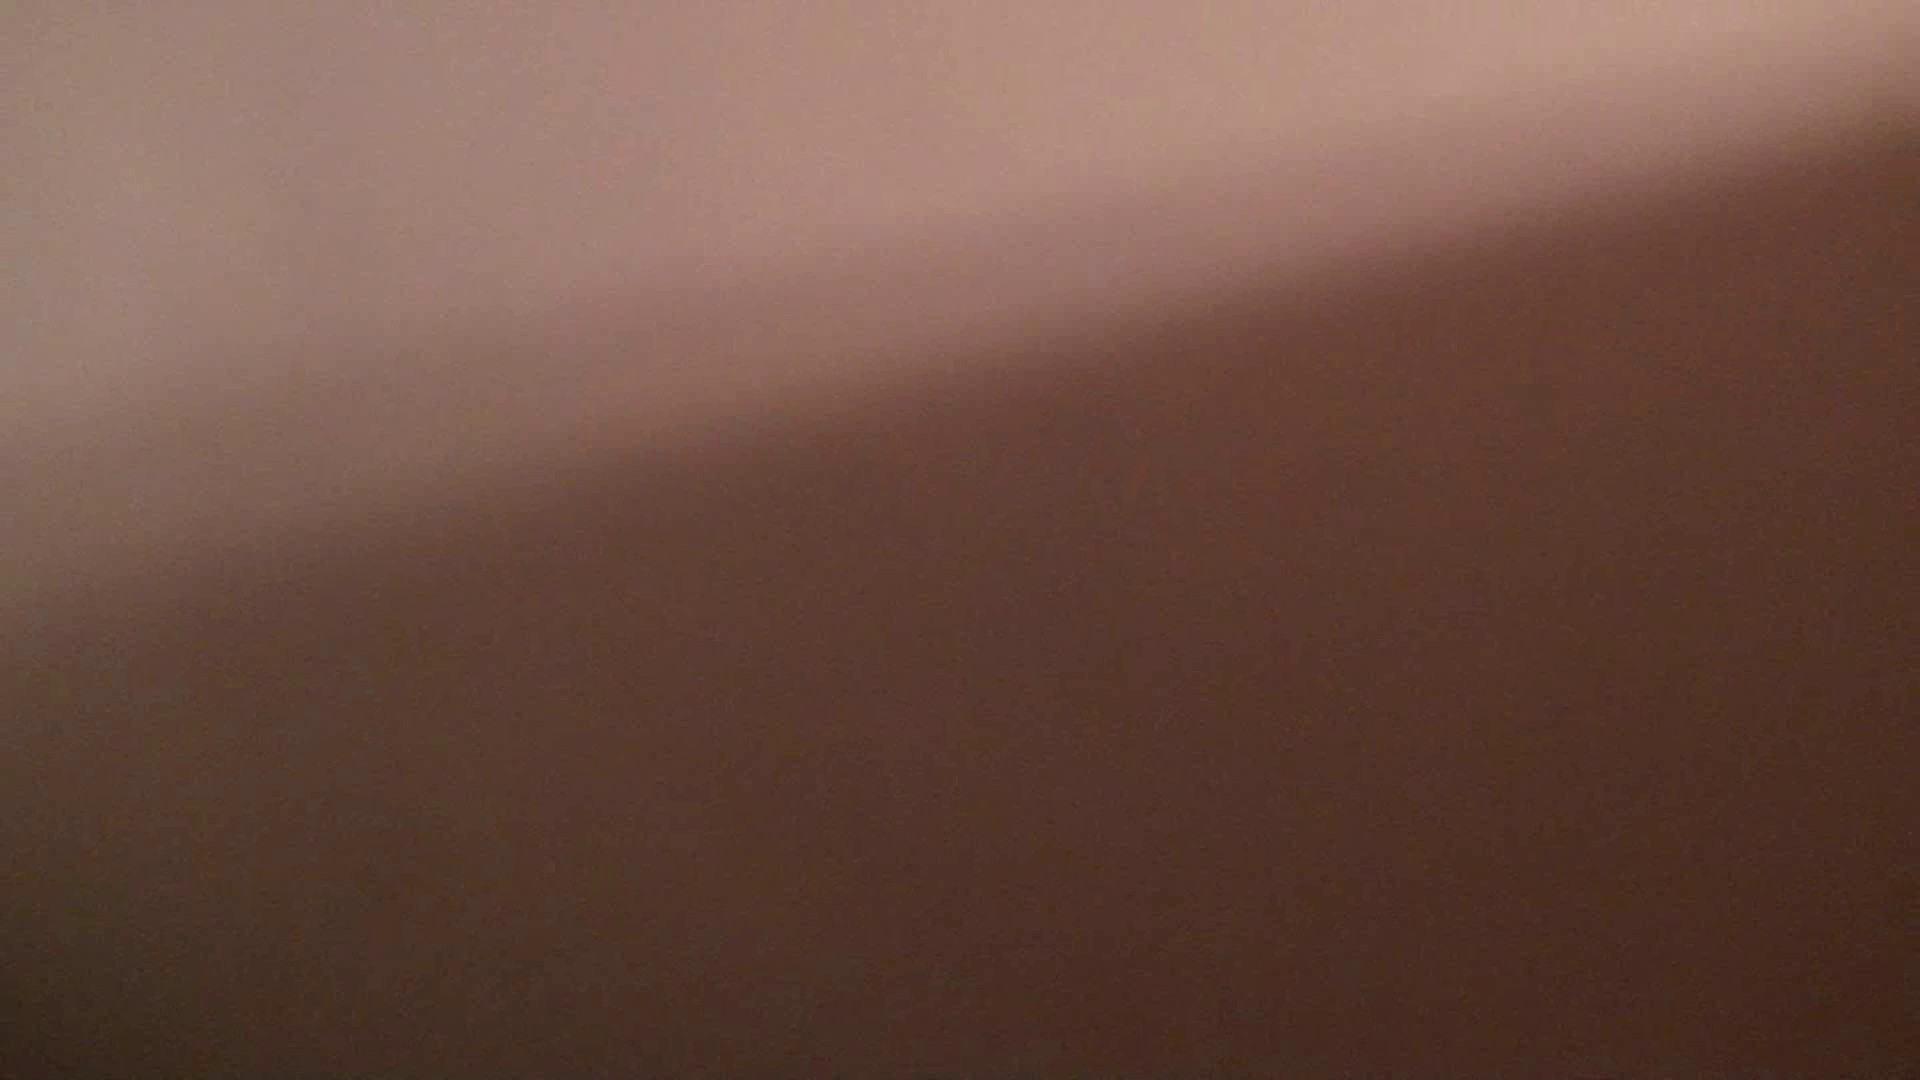 無修正エロ動画|洗面所内潜入!同級生が同級生を盗撮! vol.02|怪盗ジョーカー